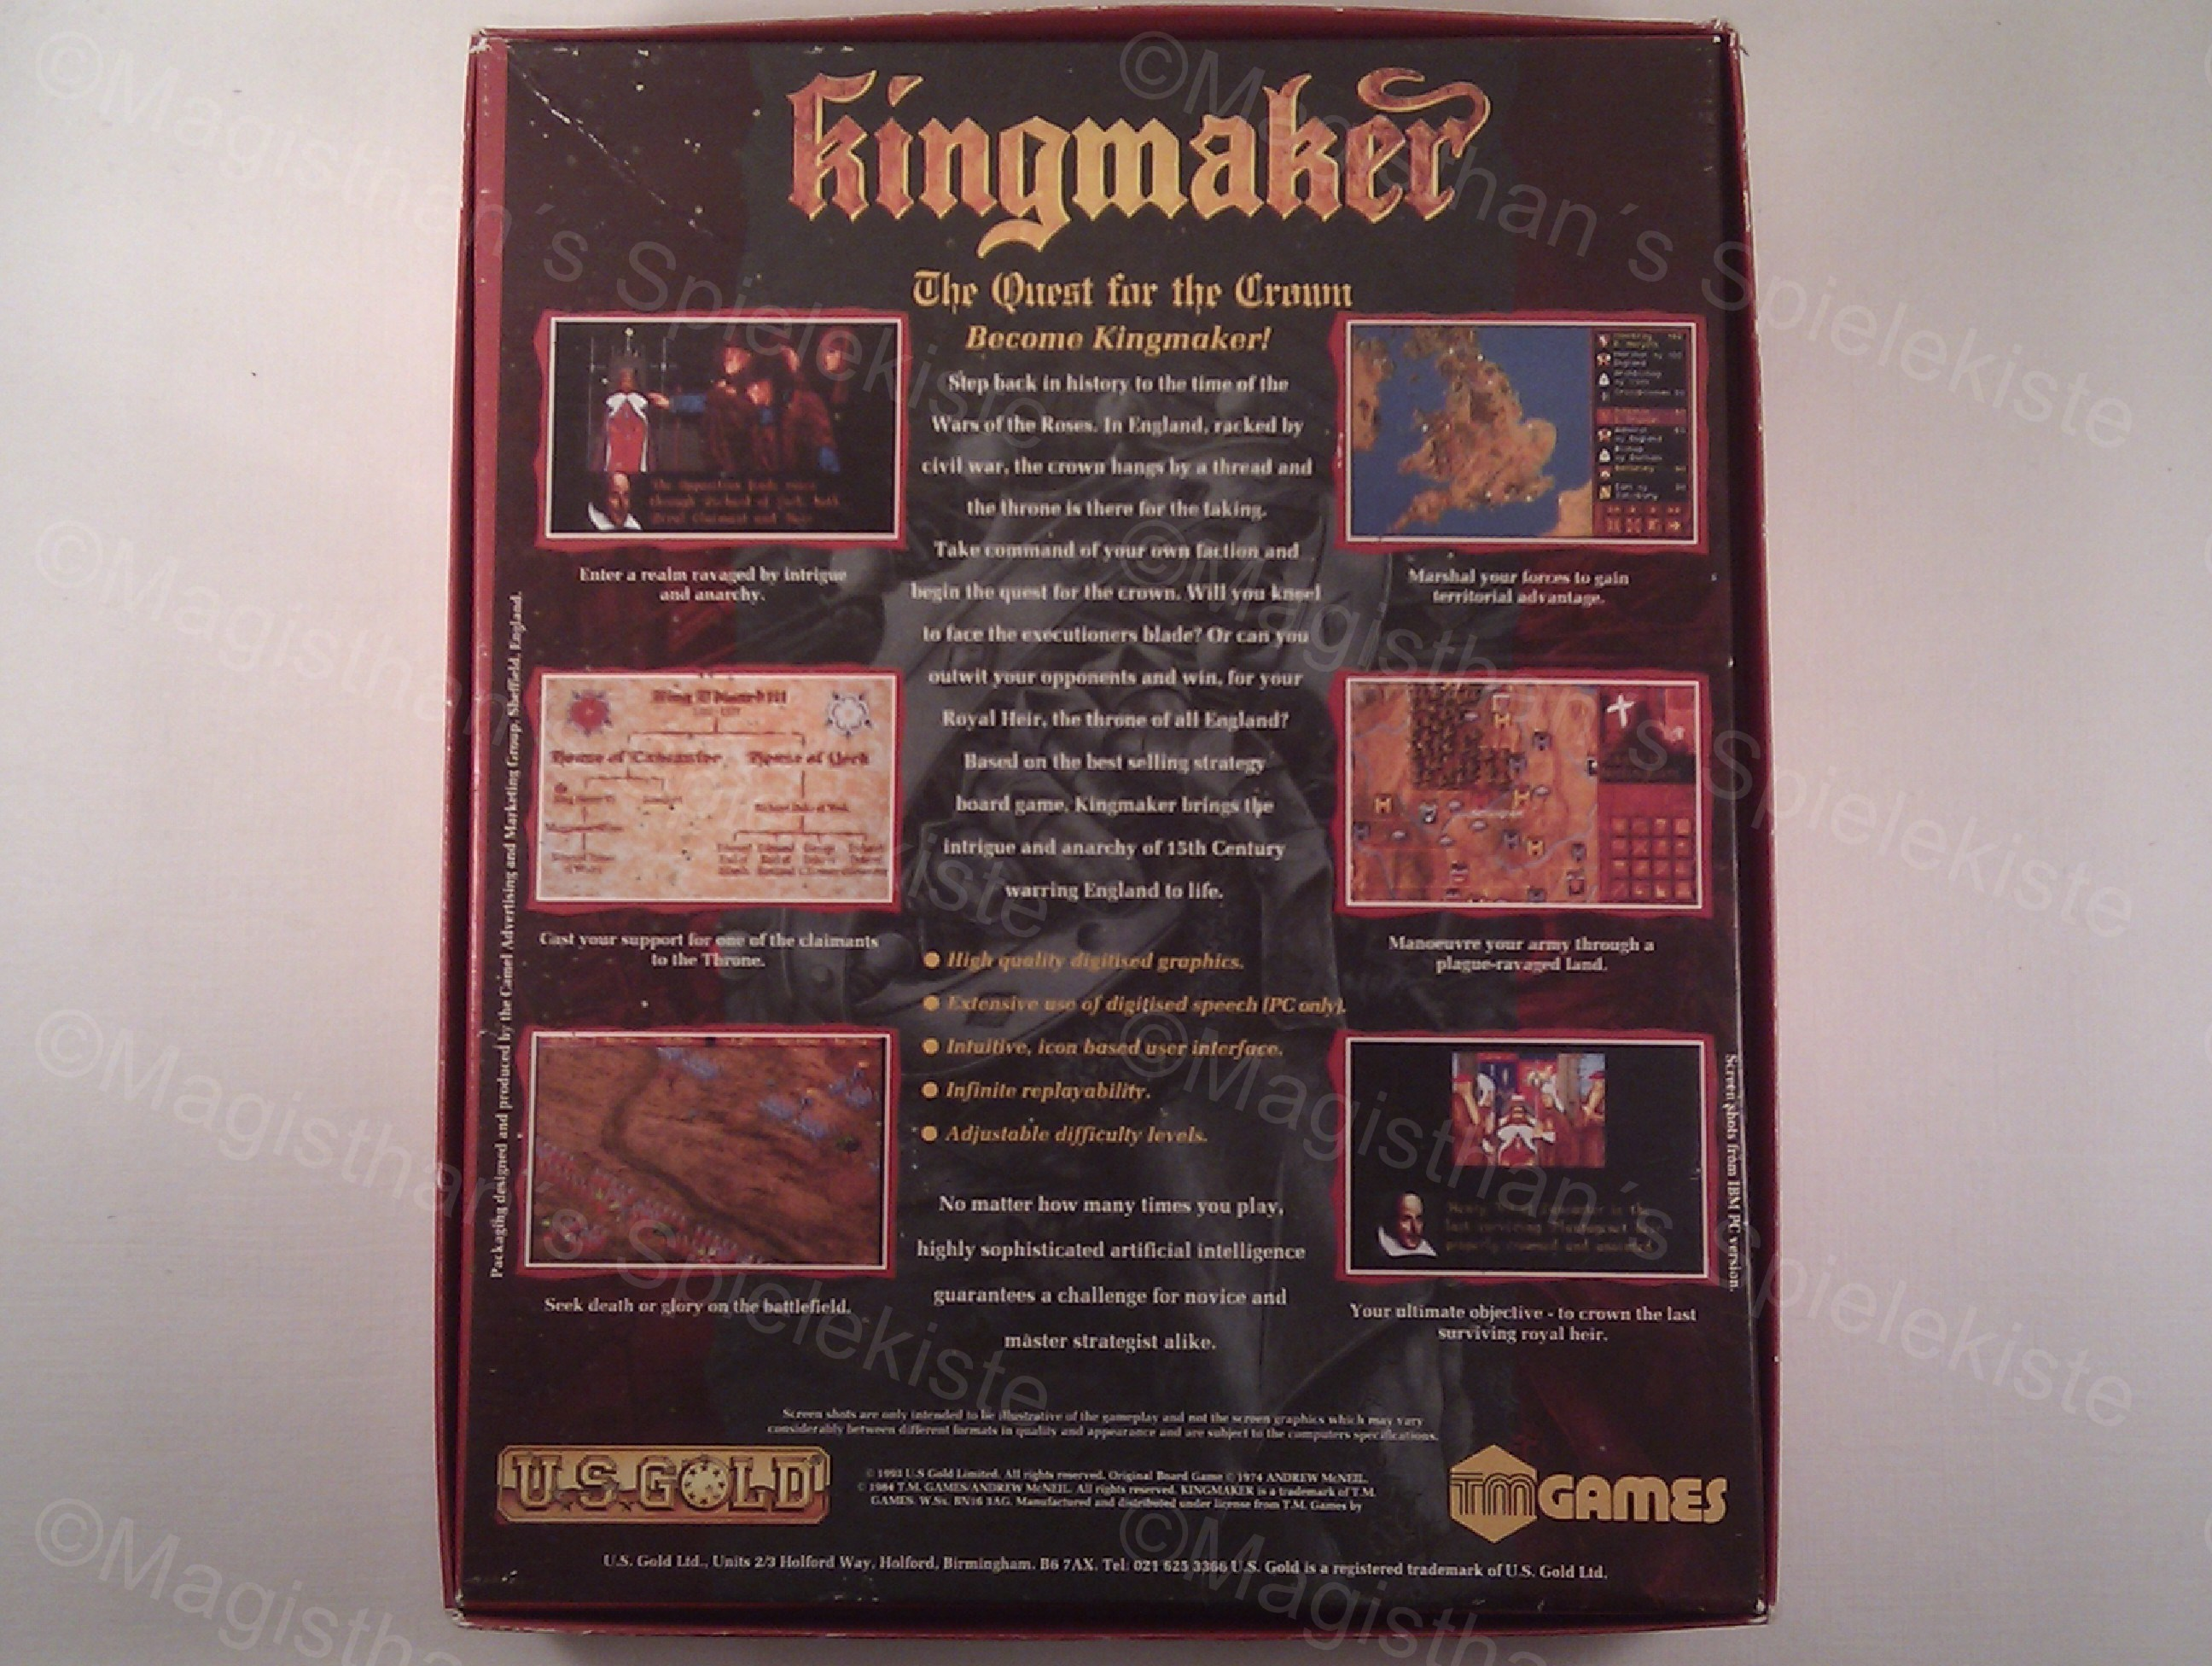 Kingmaker1back.jpg